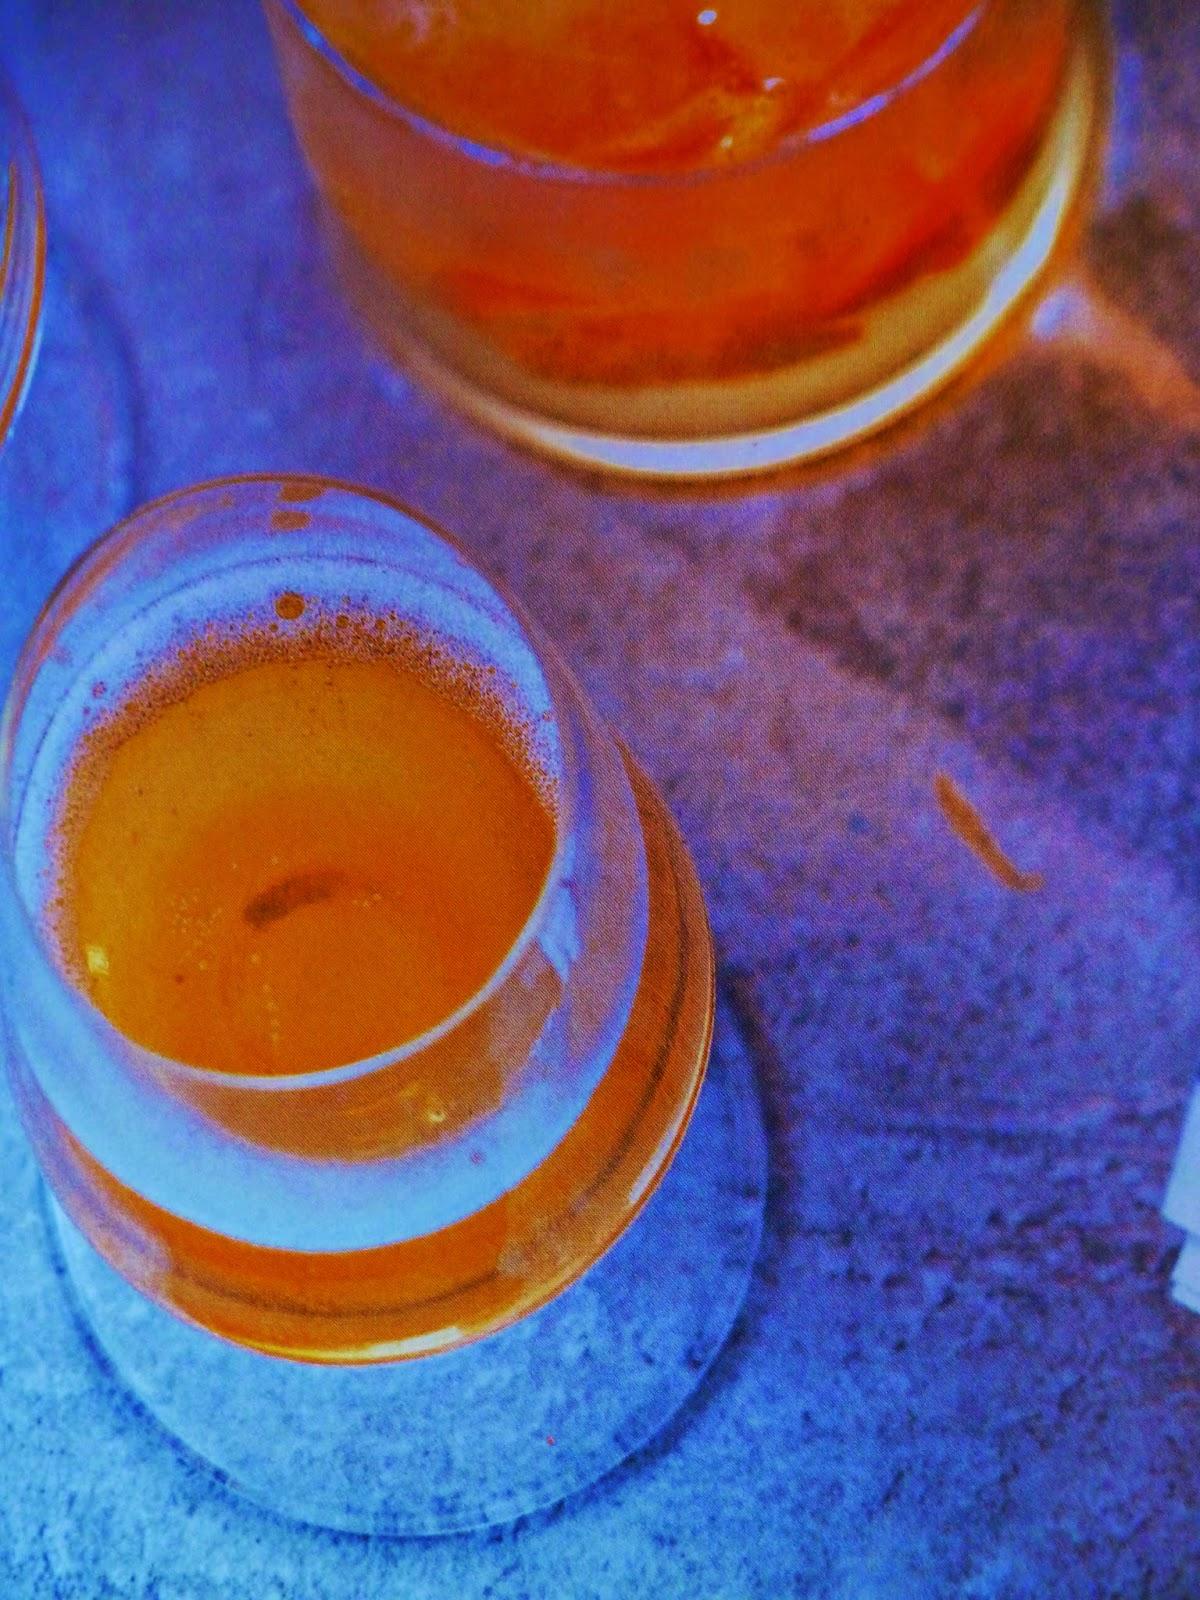 Cours de cuisine exotique la marquisette des iles au champagne - Cuisine au champagne ...